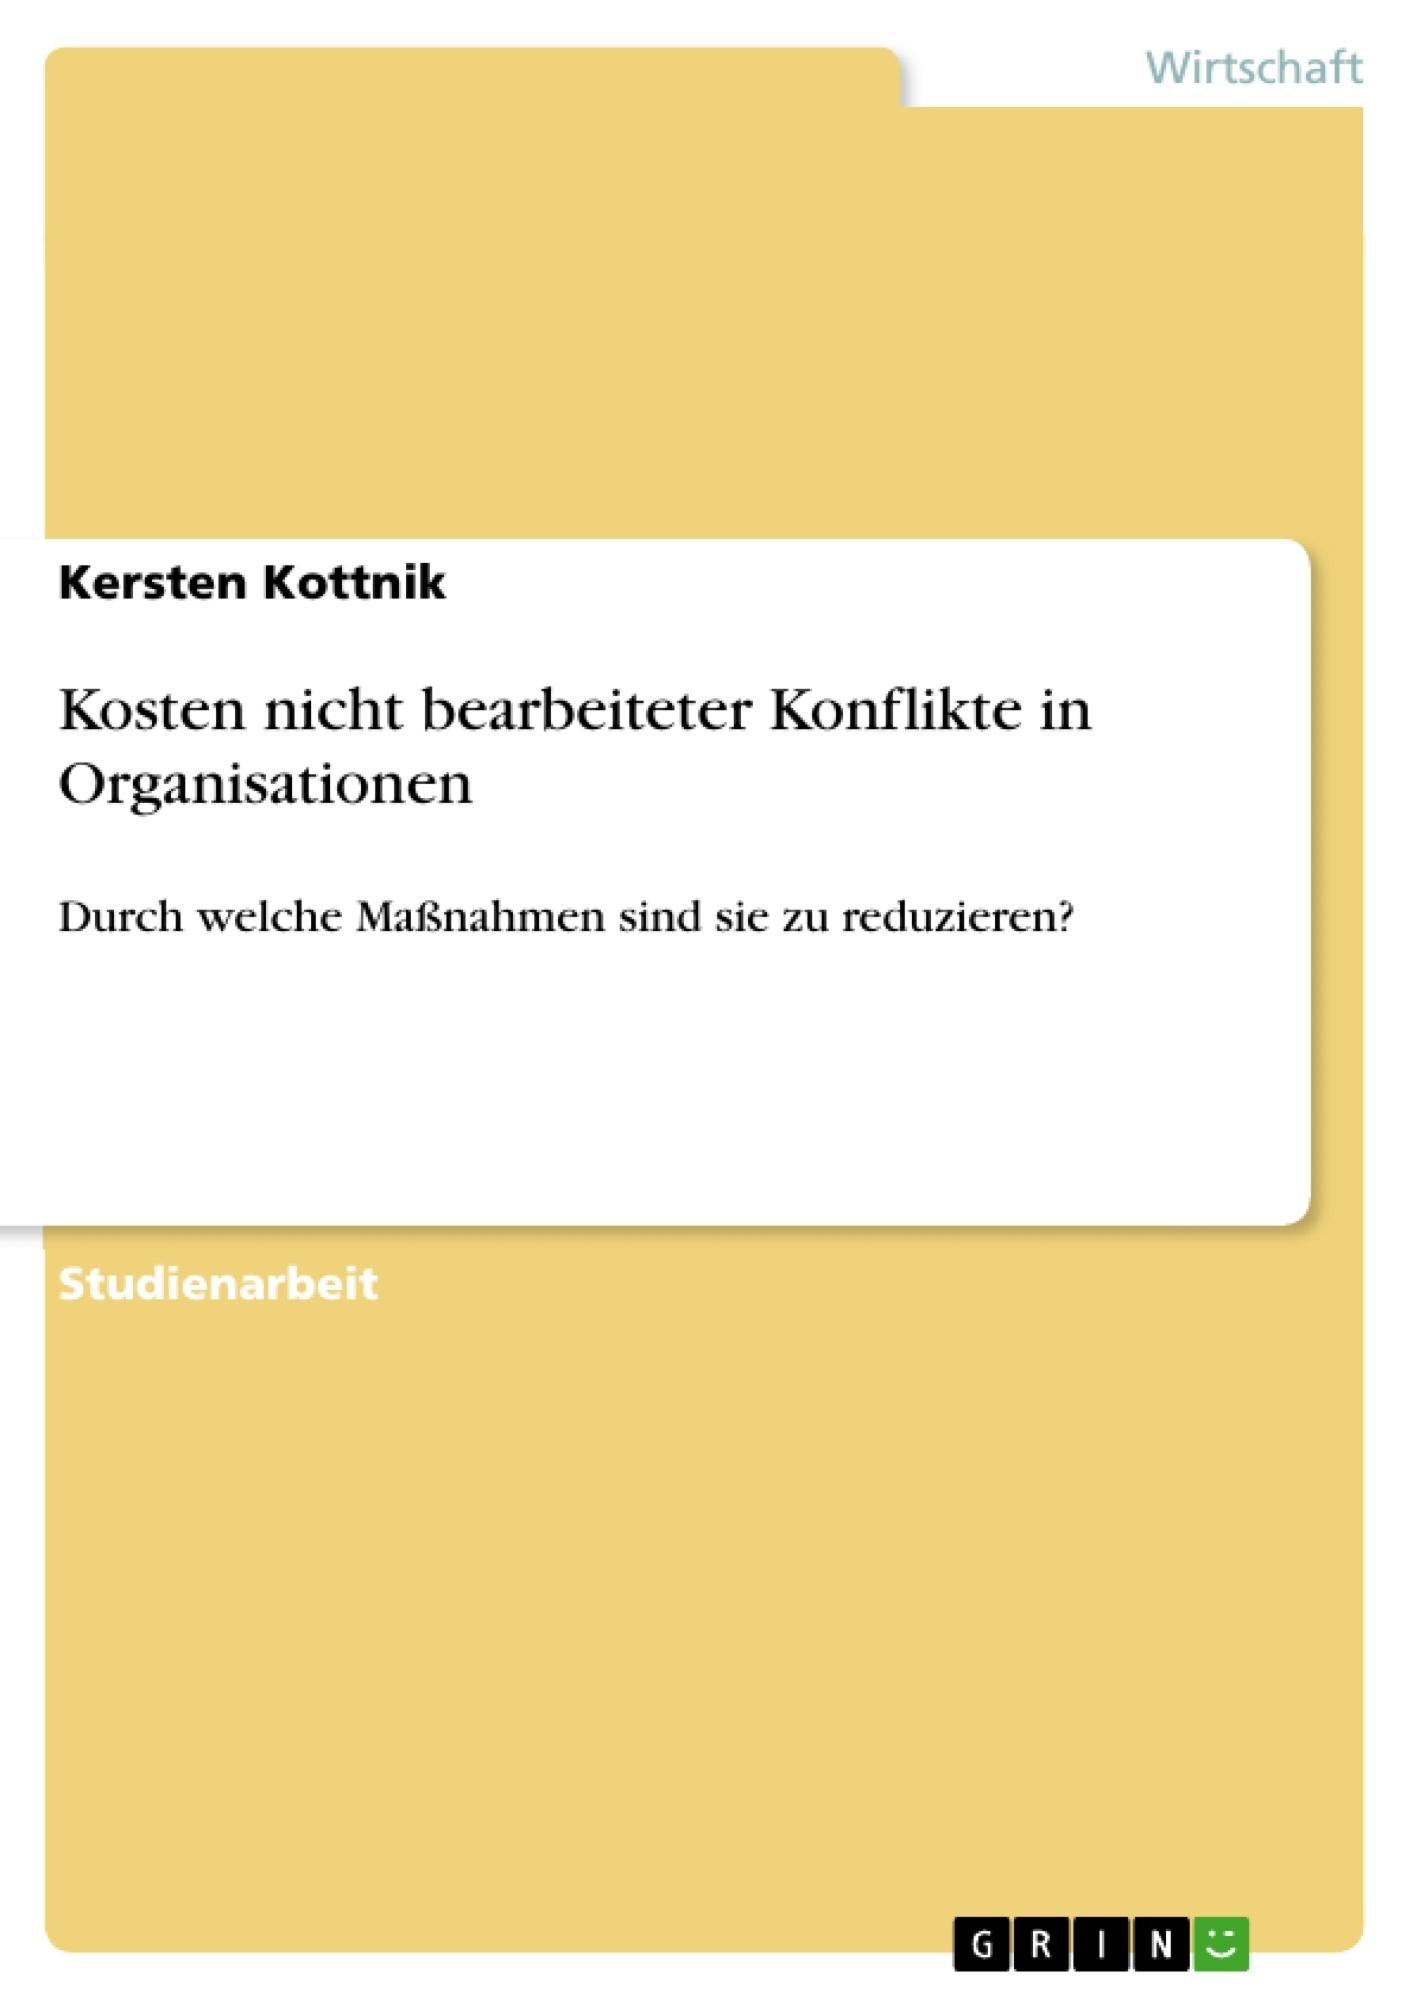 Titel: Kosten nicht bearbeiteter Konflikte in Organisationen